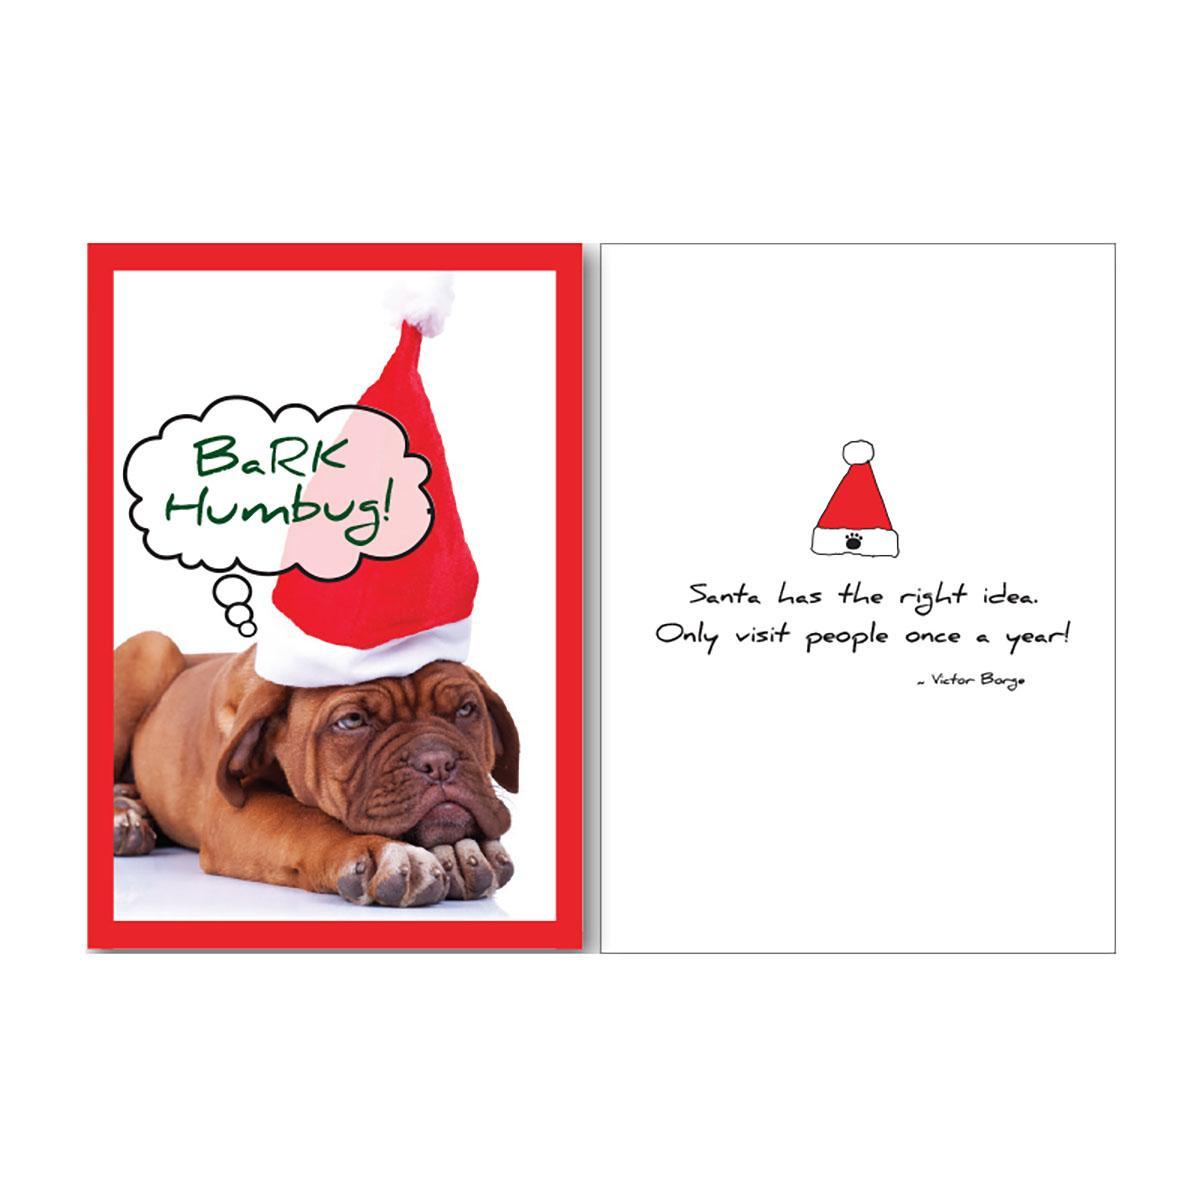 Holiday Greeting Card by Dog Speak - Bark Humbug!